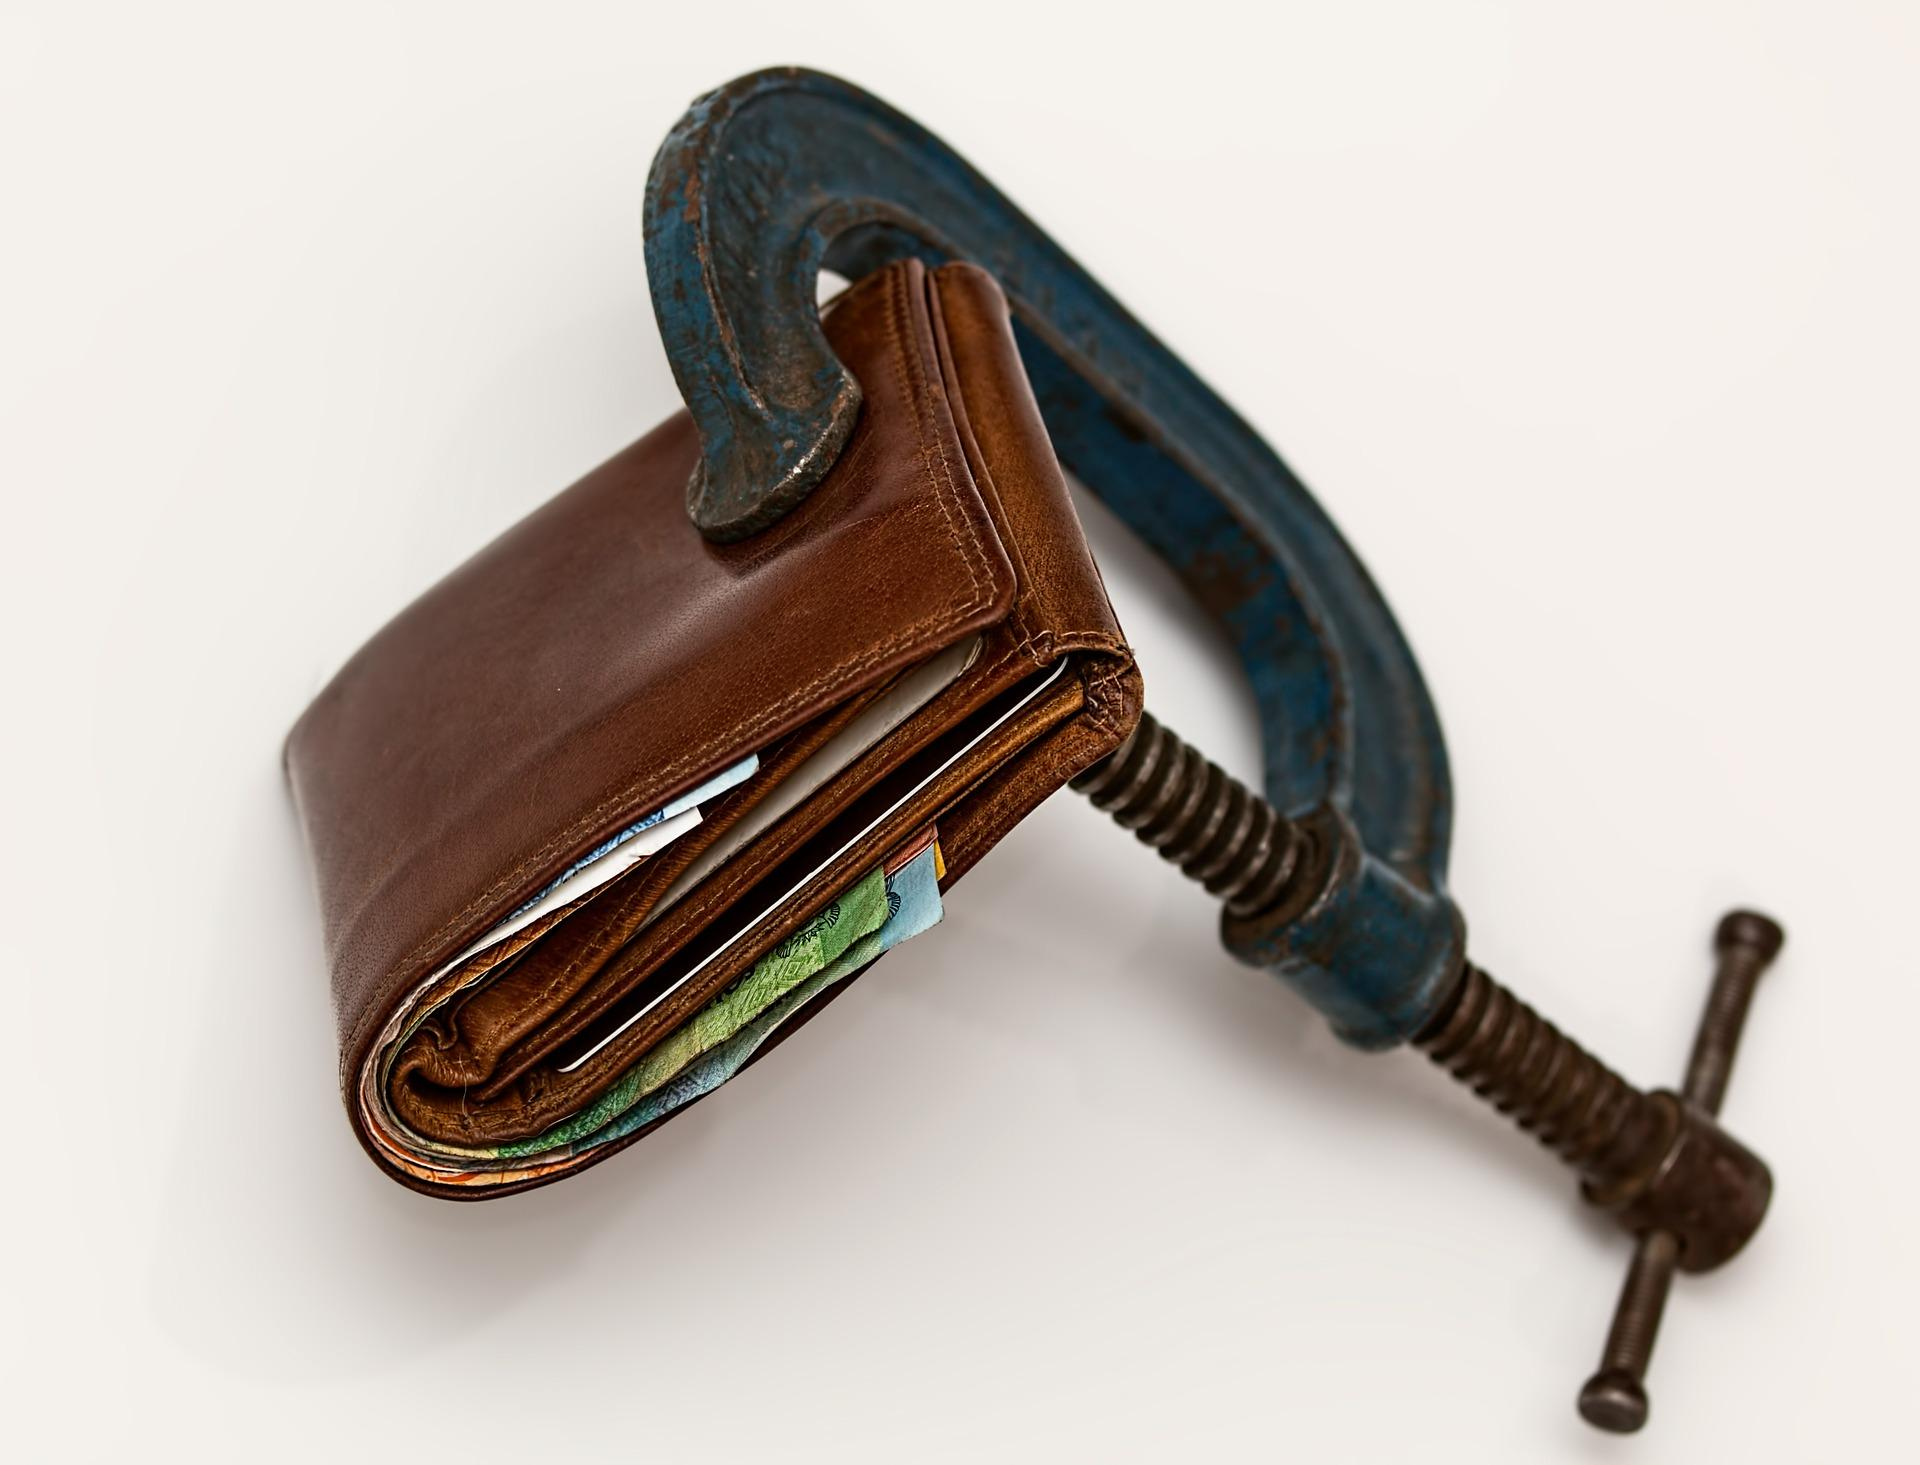 Zahlungsunfähigkeit - und ihre Feststellung im Strafverfahren wegen Insolvenzverschleppung